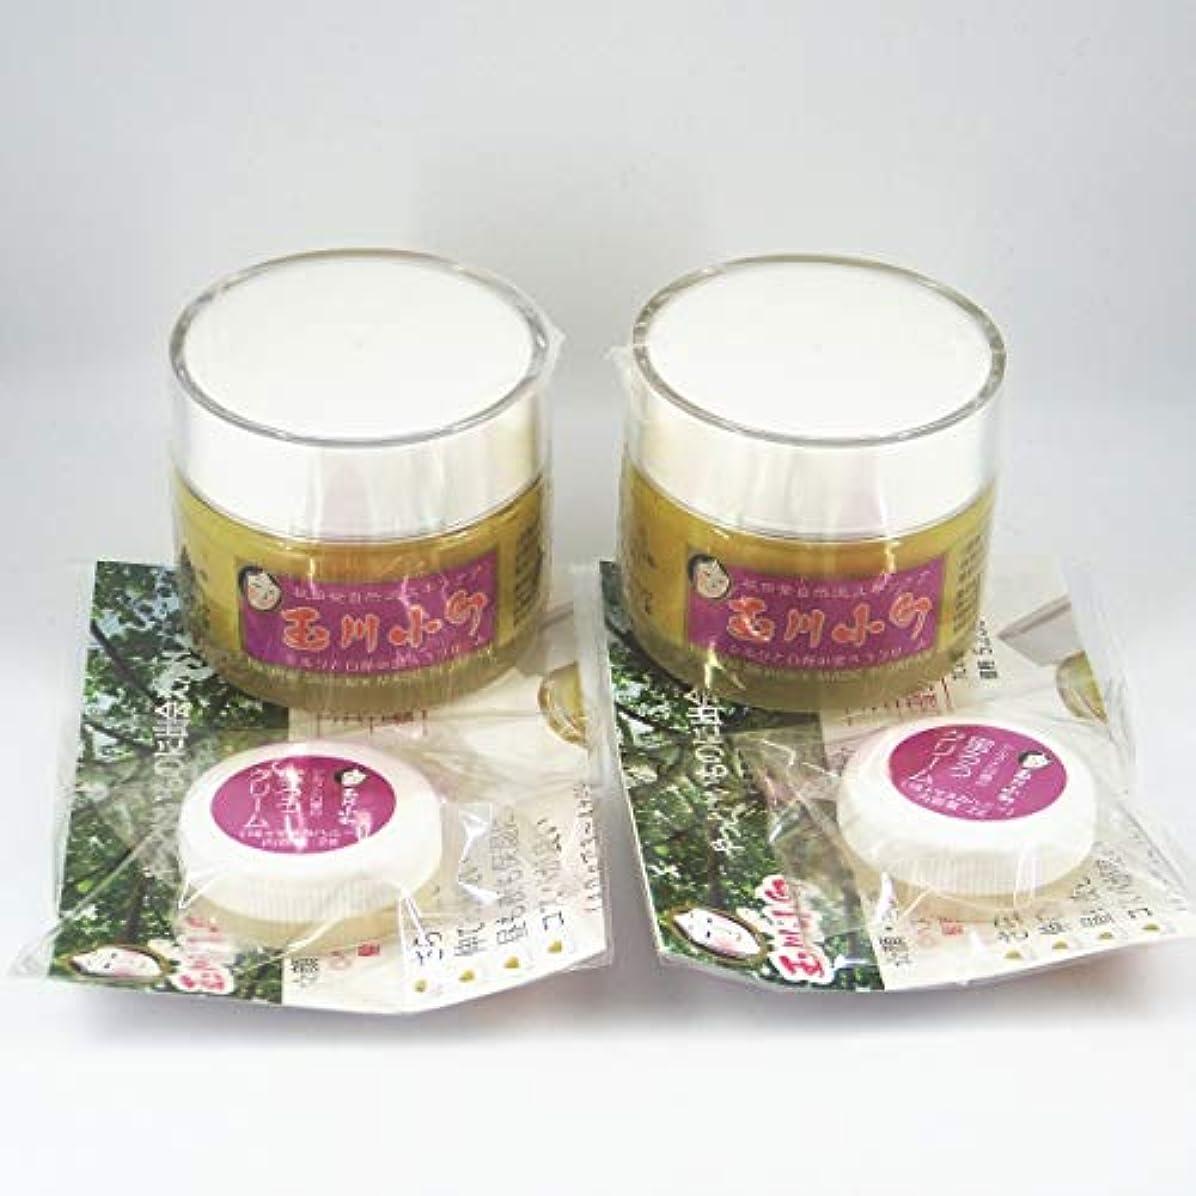 アリス策定する軽量玉川小町シルクと白樺の蜜ろうクリーム 2g×2個付お得セット